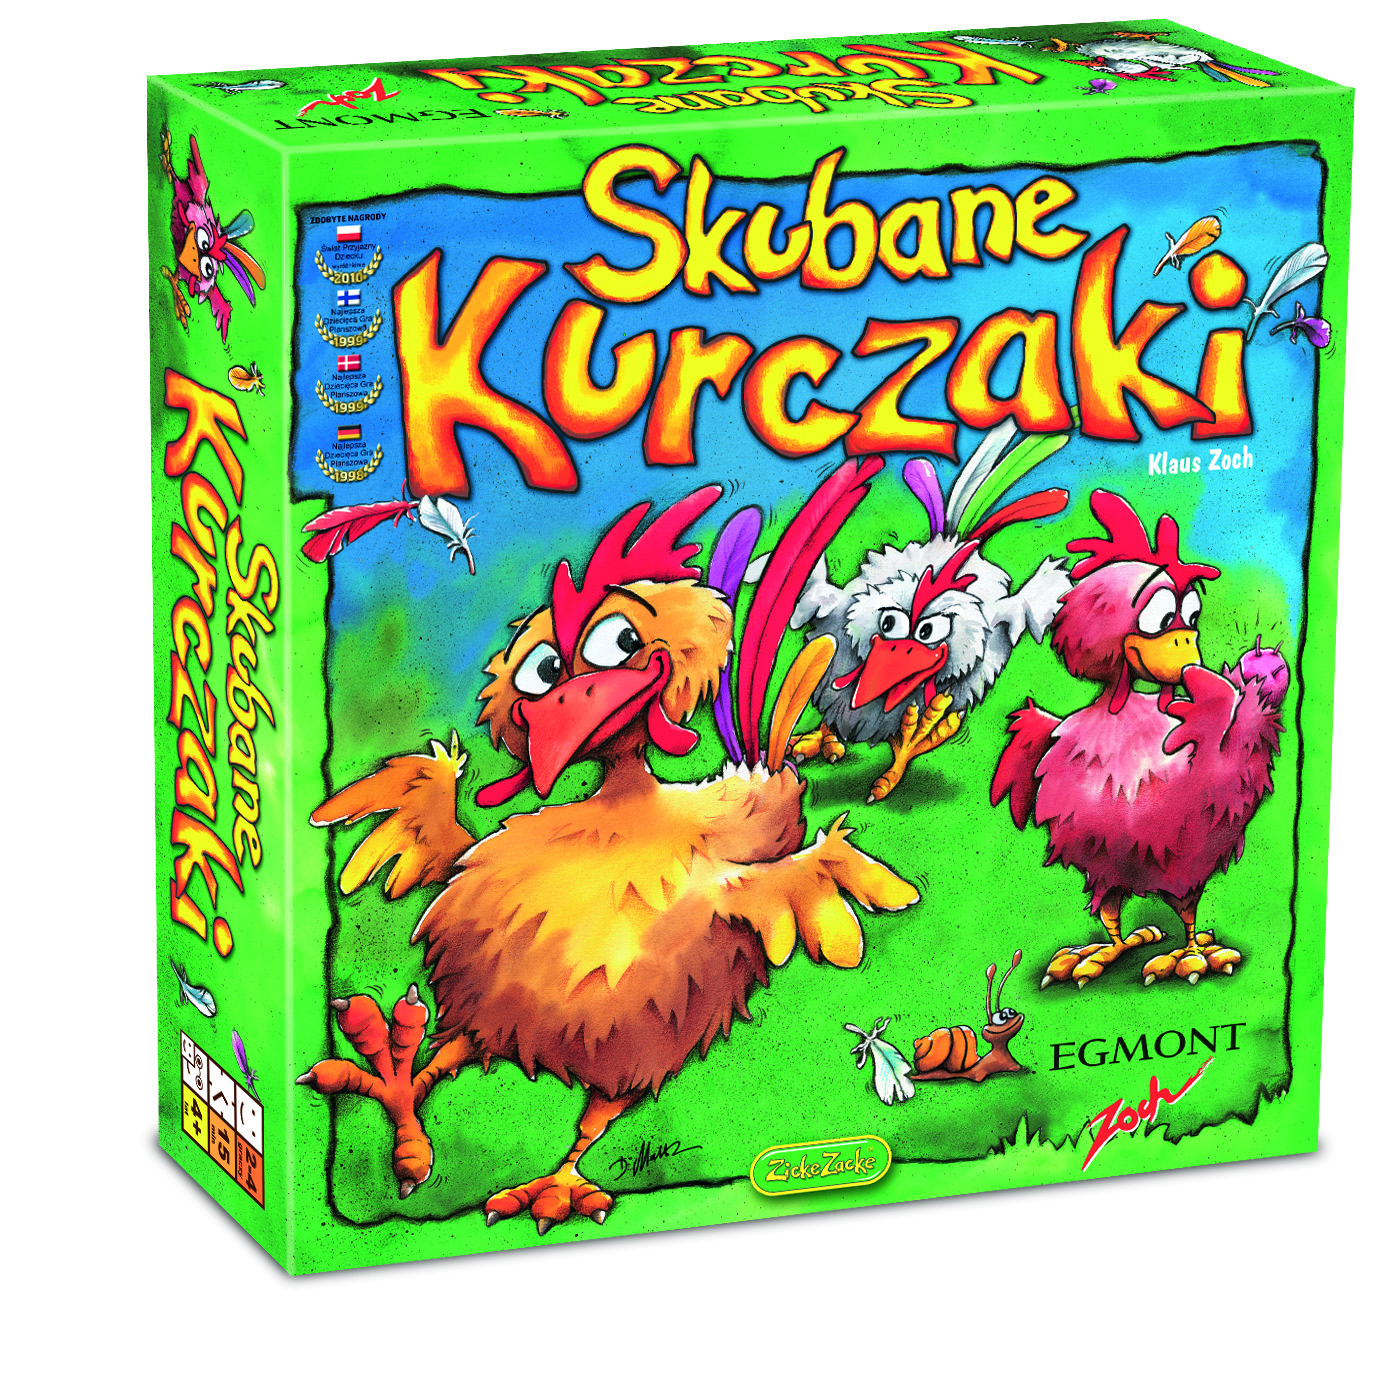 Skubane Kurczaki